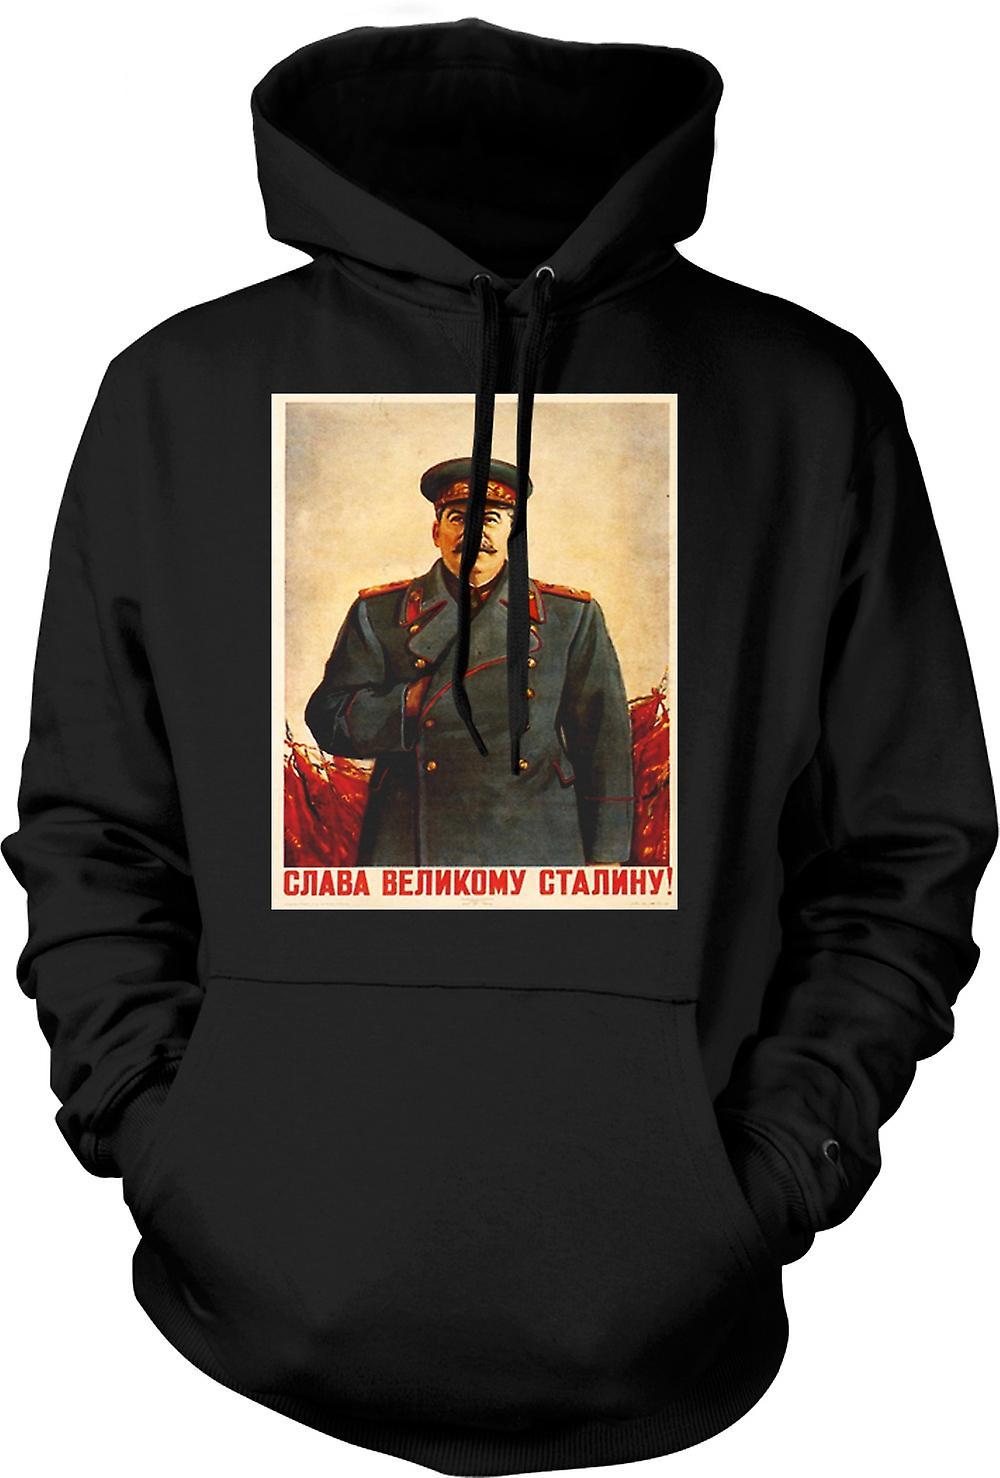 Mens Hoodie - Russian Propoganda Poster - Stalin